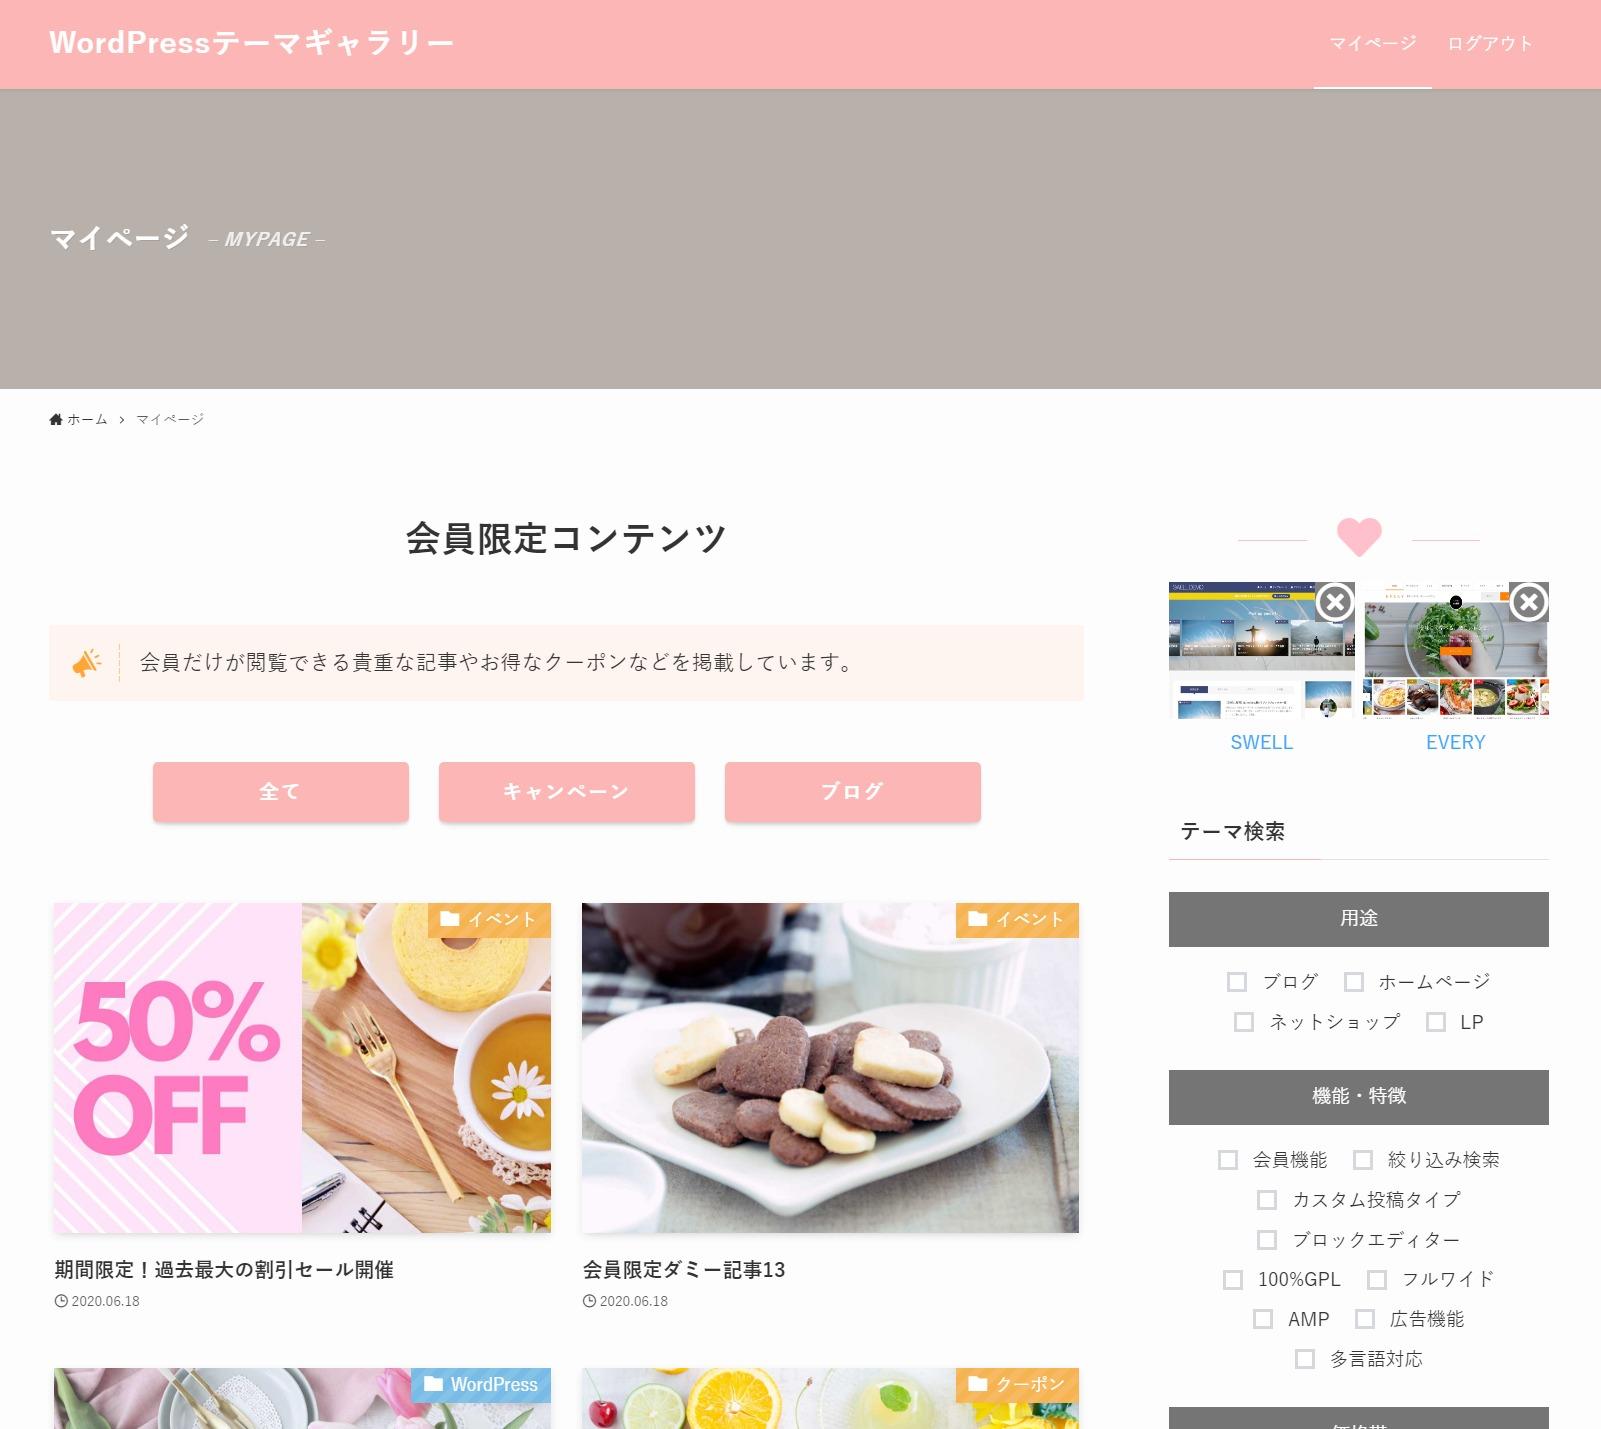 WordPressで自作した会員制サイト